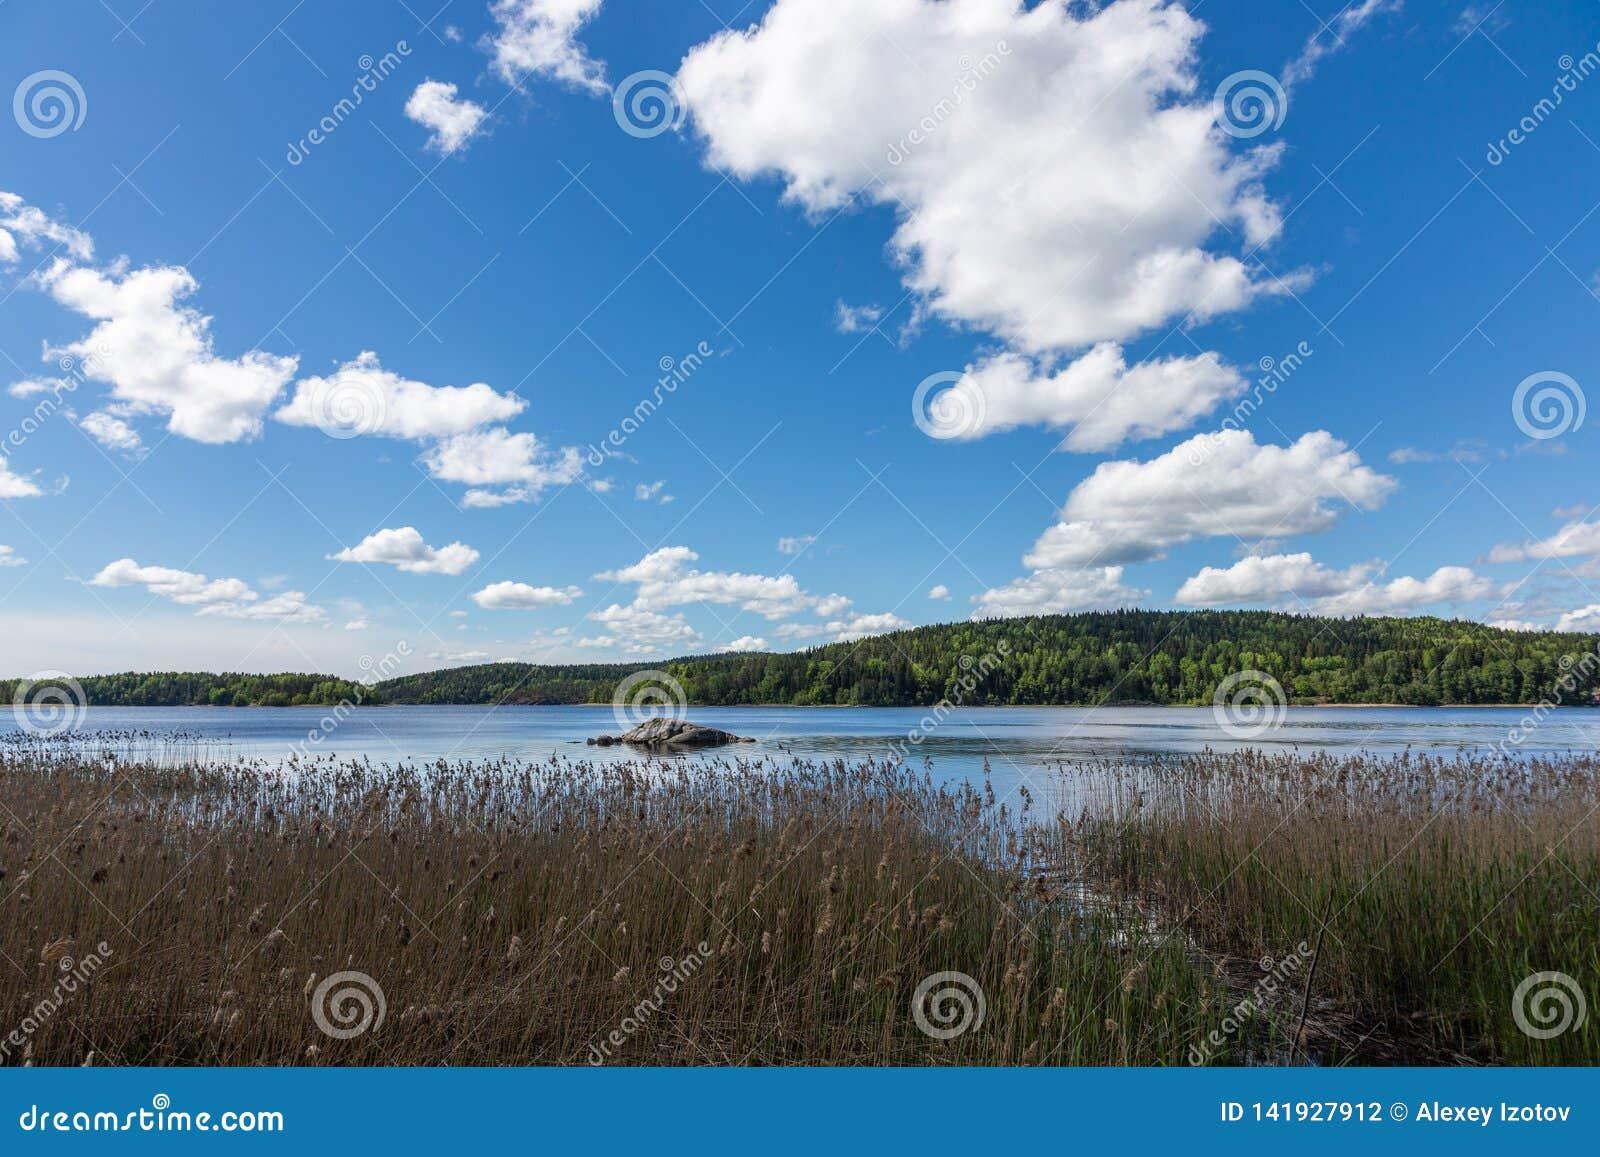 Φυσική άποψη του σαμάνου πετρών στη λίμνη Tulmozero κάτω από έναν μπλε ουρανό με τα σύννεφα, Καρελία Ρωσία